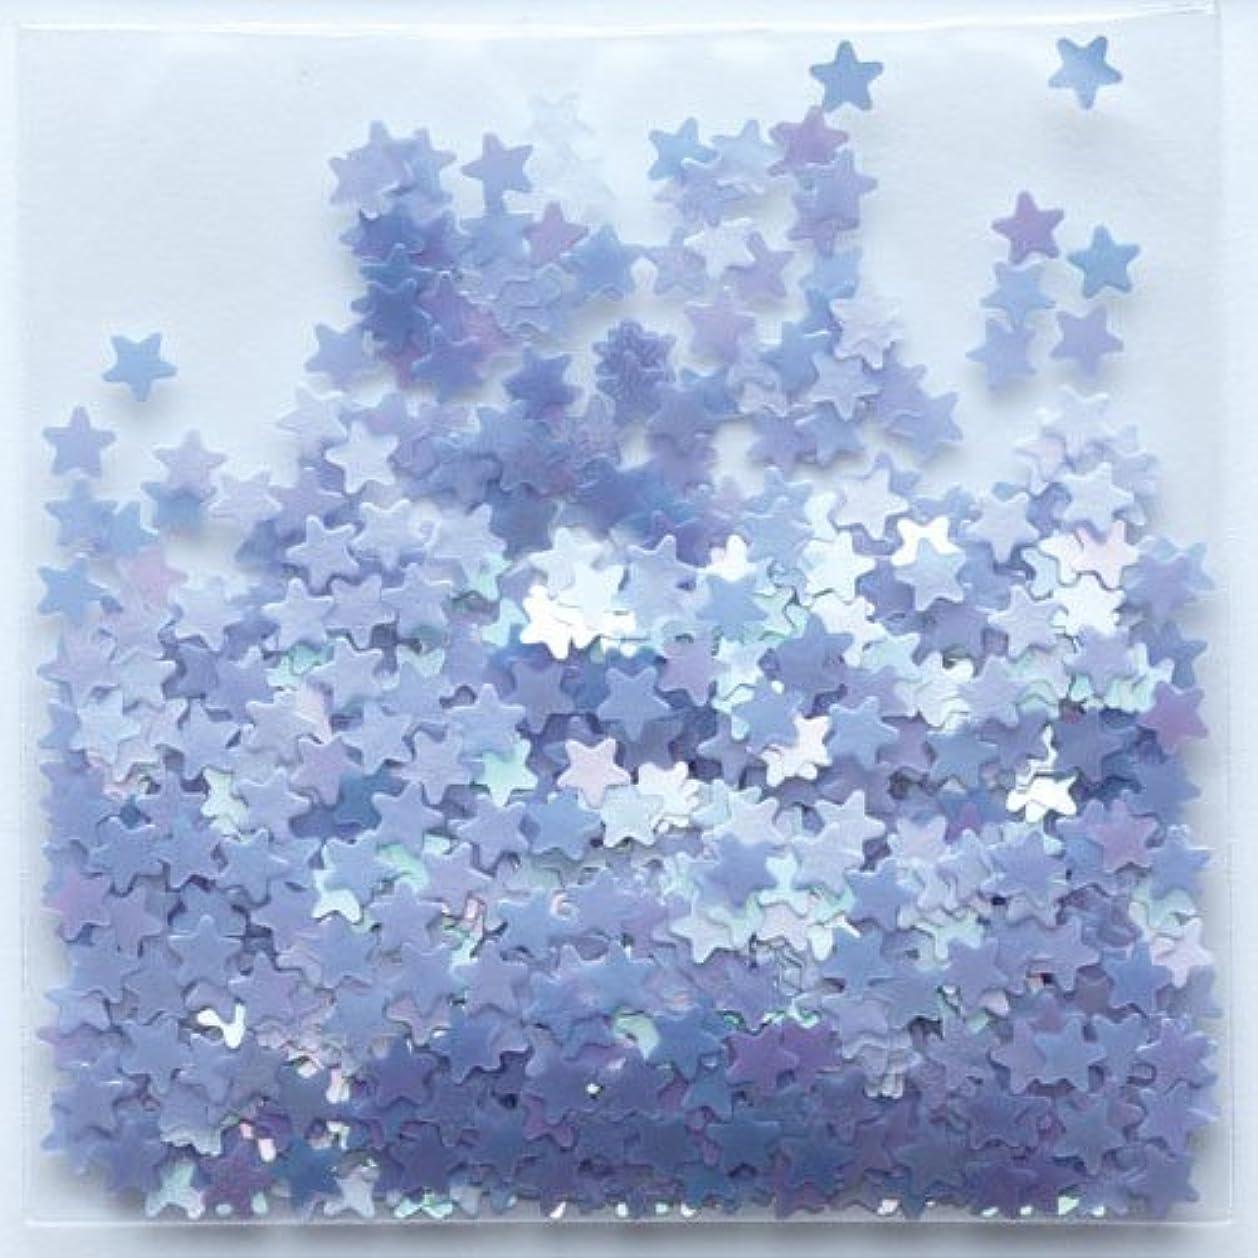 突撃絶対のサーフィンピカエース ネイル用パウダー 星パステル #174 ラベンダー 0.5g